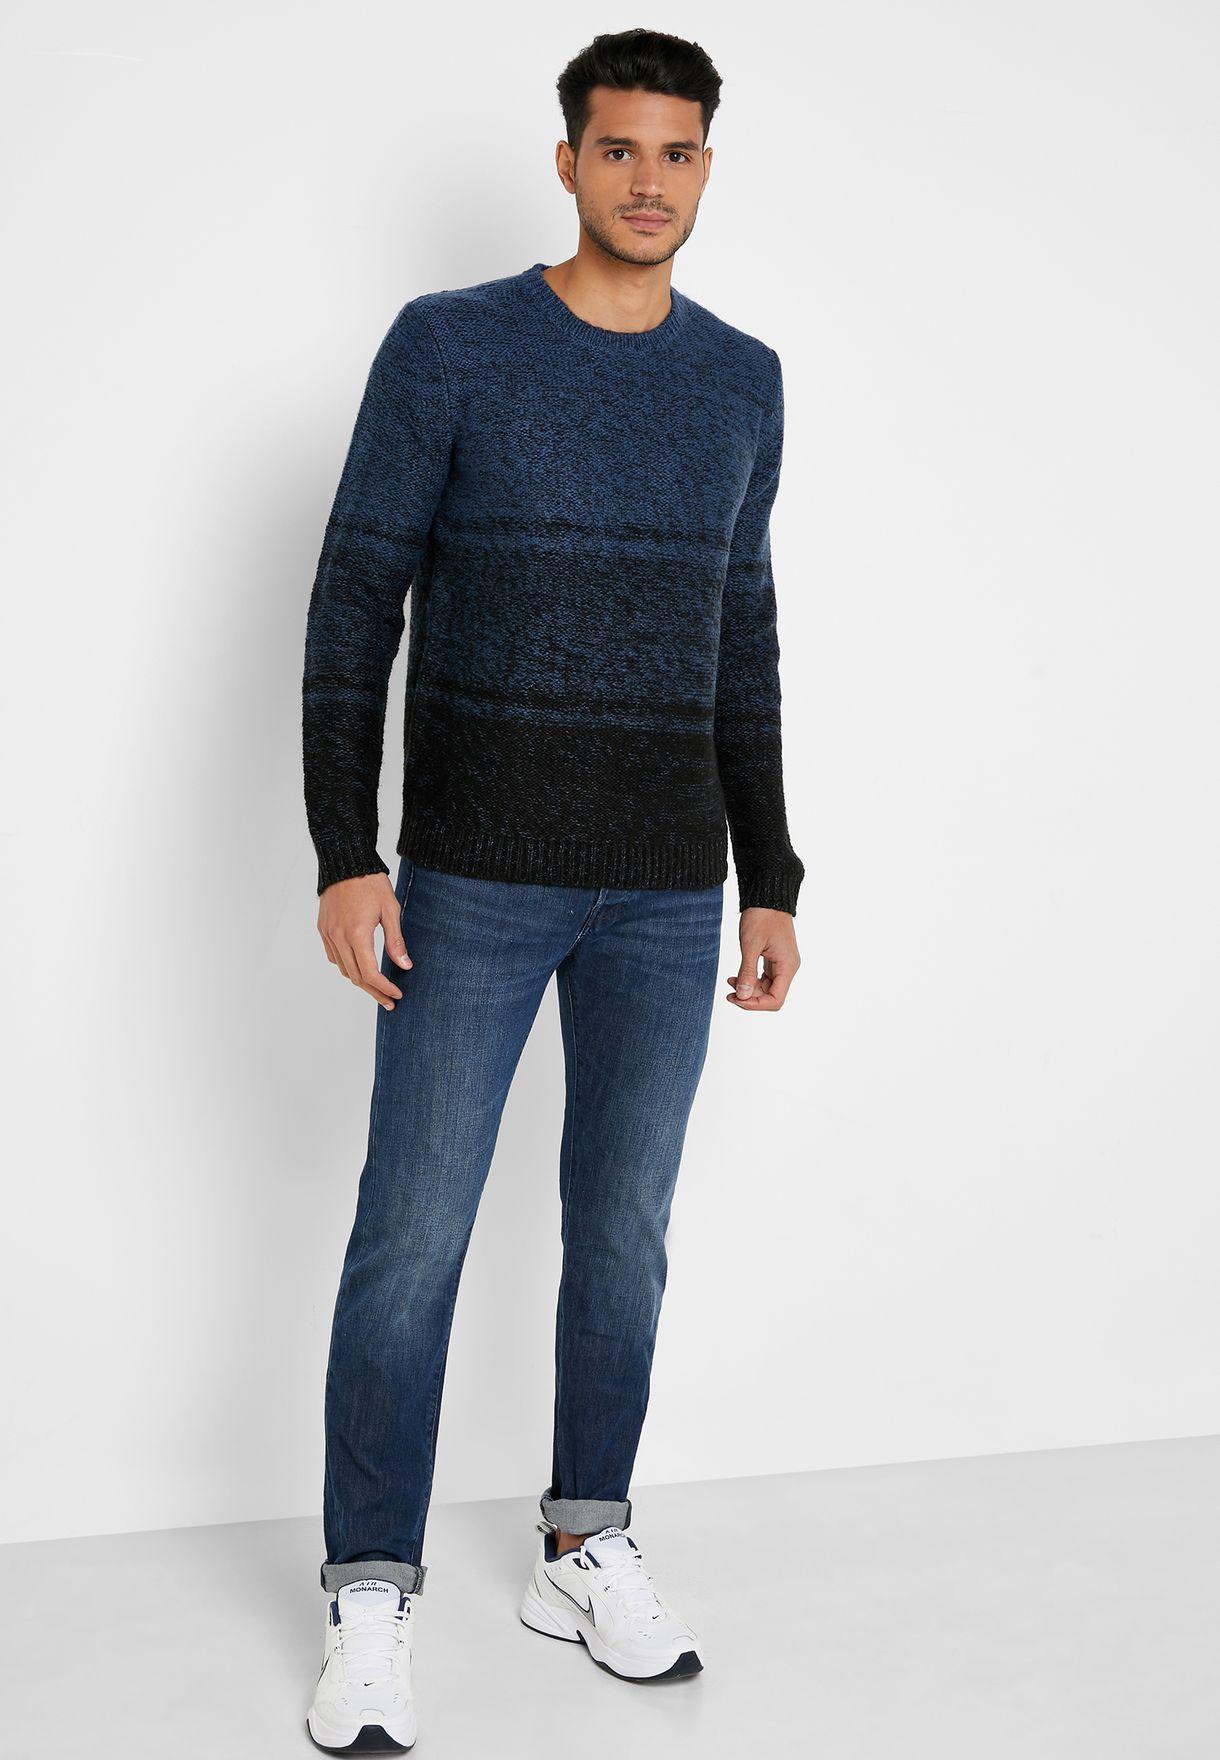 Callen Grading Sweater